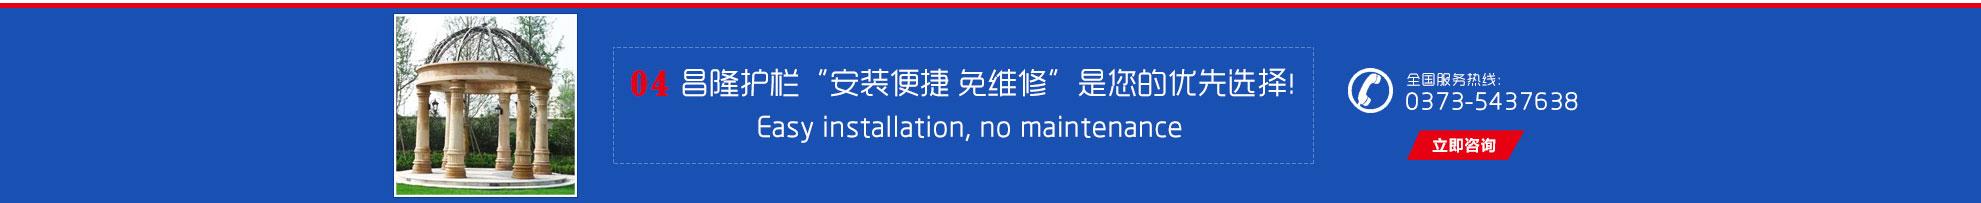 郑州不锈钢护栏厂家联系方式